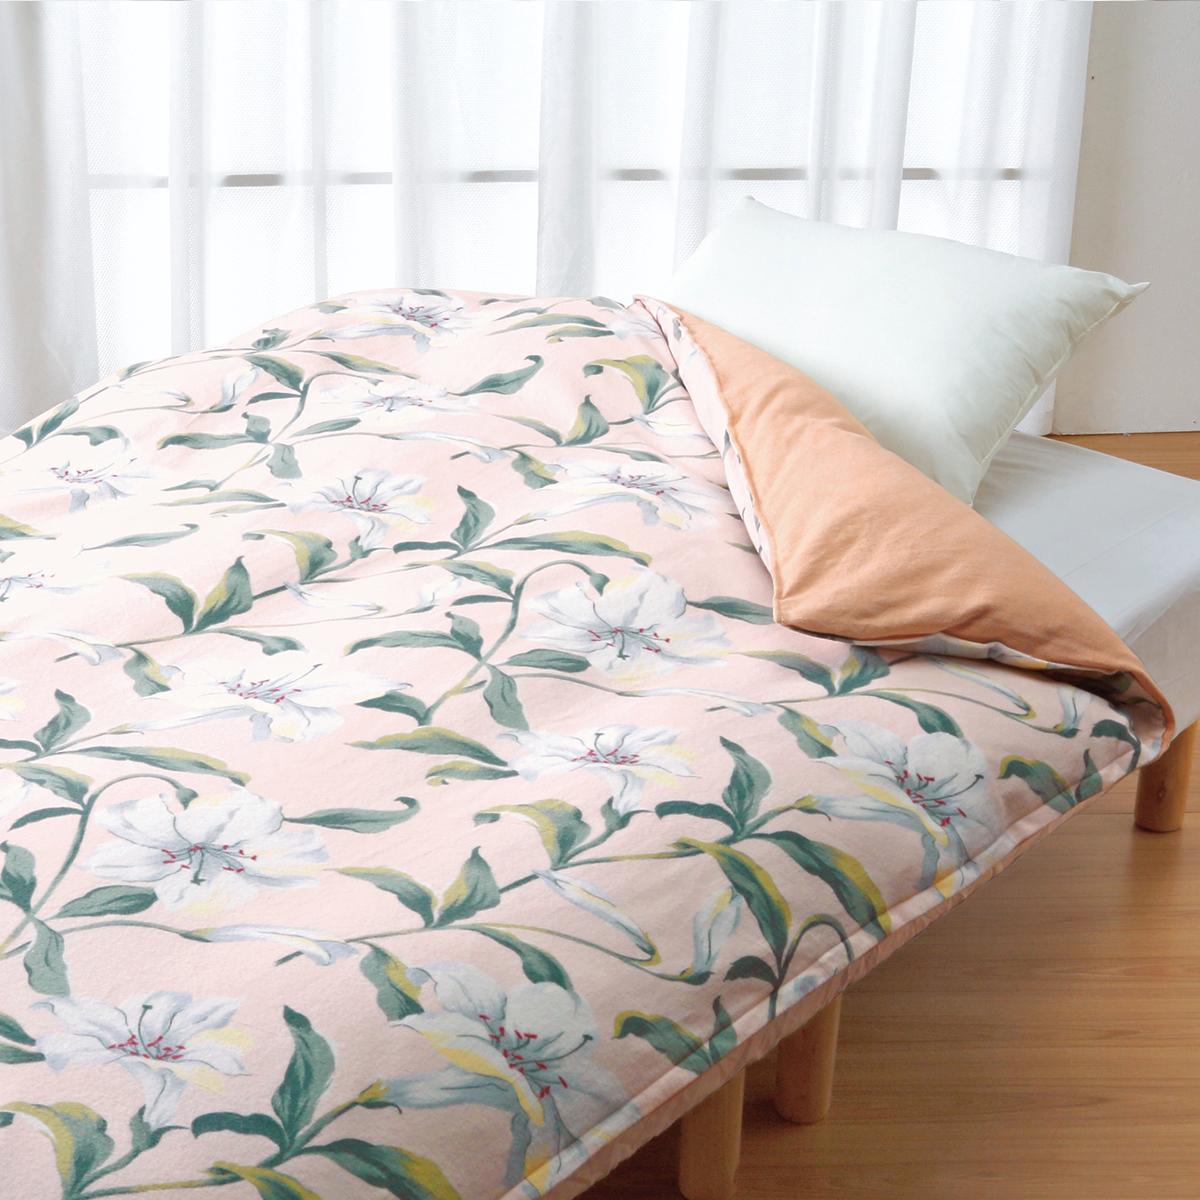 ロマンス小杉 掛けふとんカバー シングル 150x210cm ウォームパイルカバー 暖かい 防寒 やわらか 肌触り 心地良い おしゃれ 花柄 上品 高品質 高性能